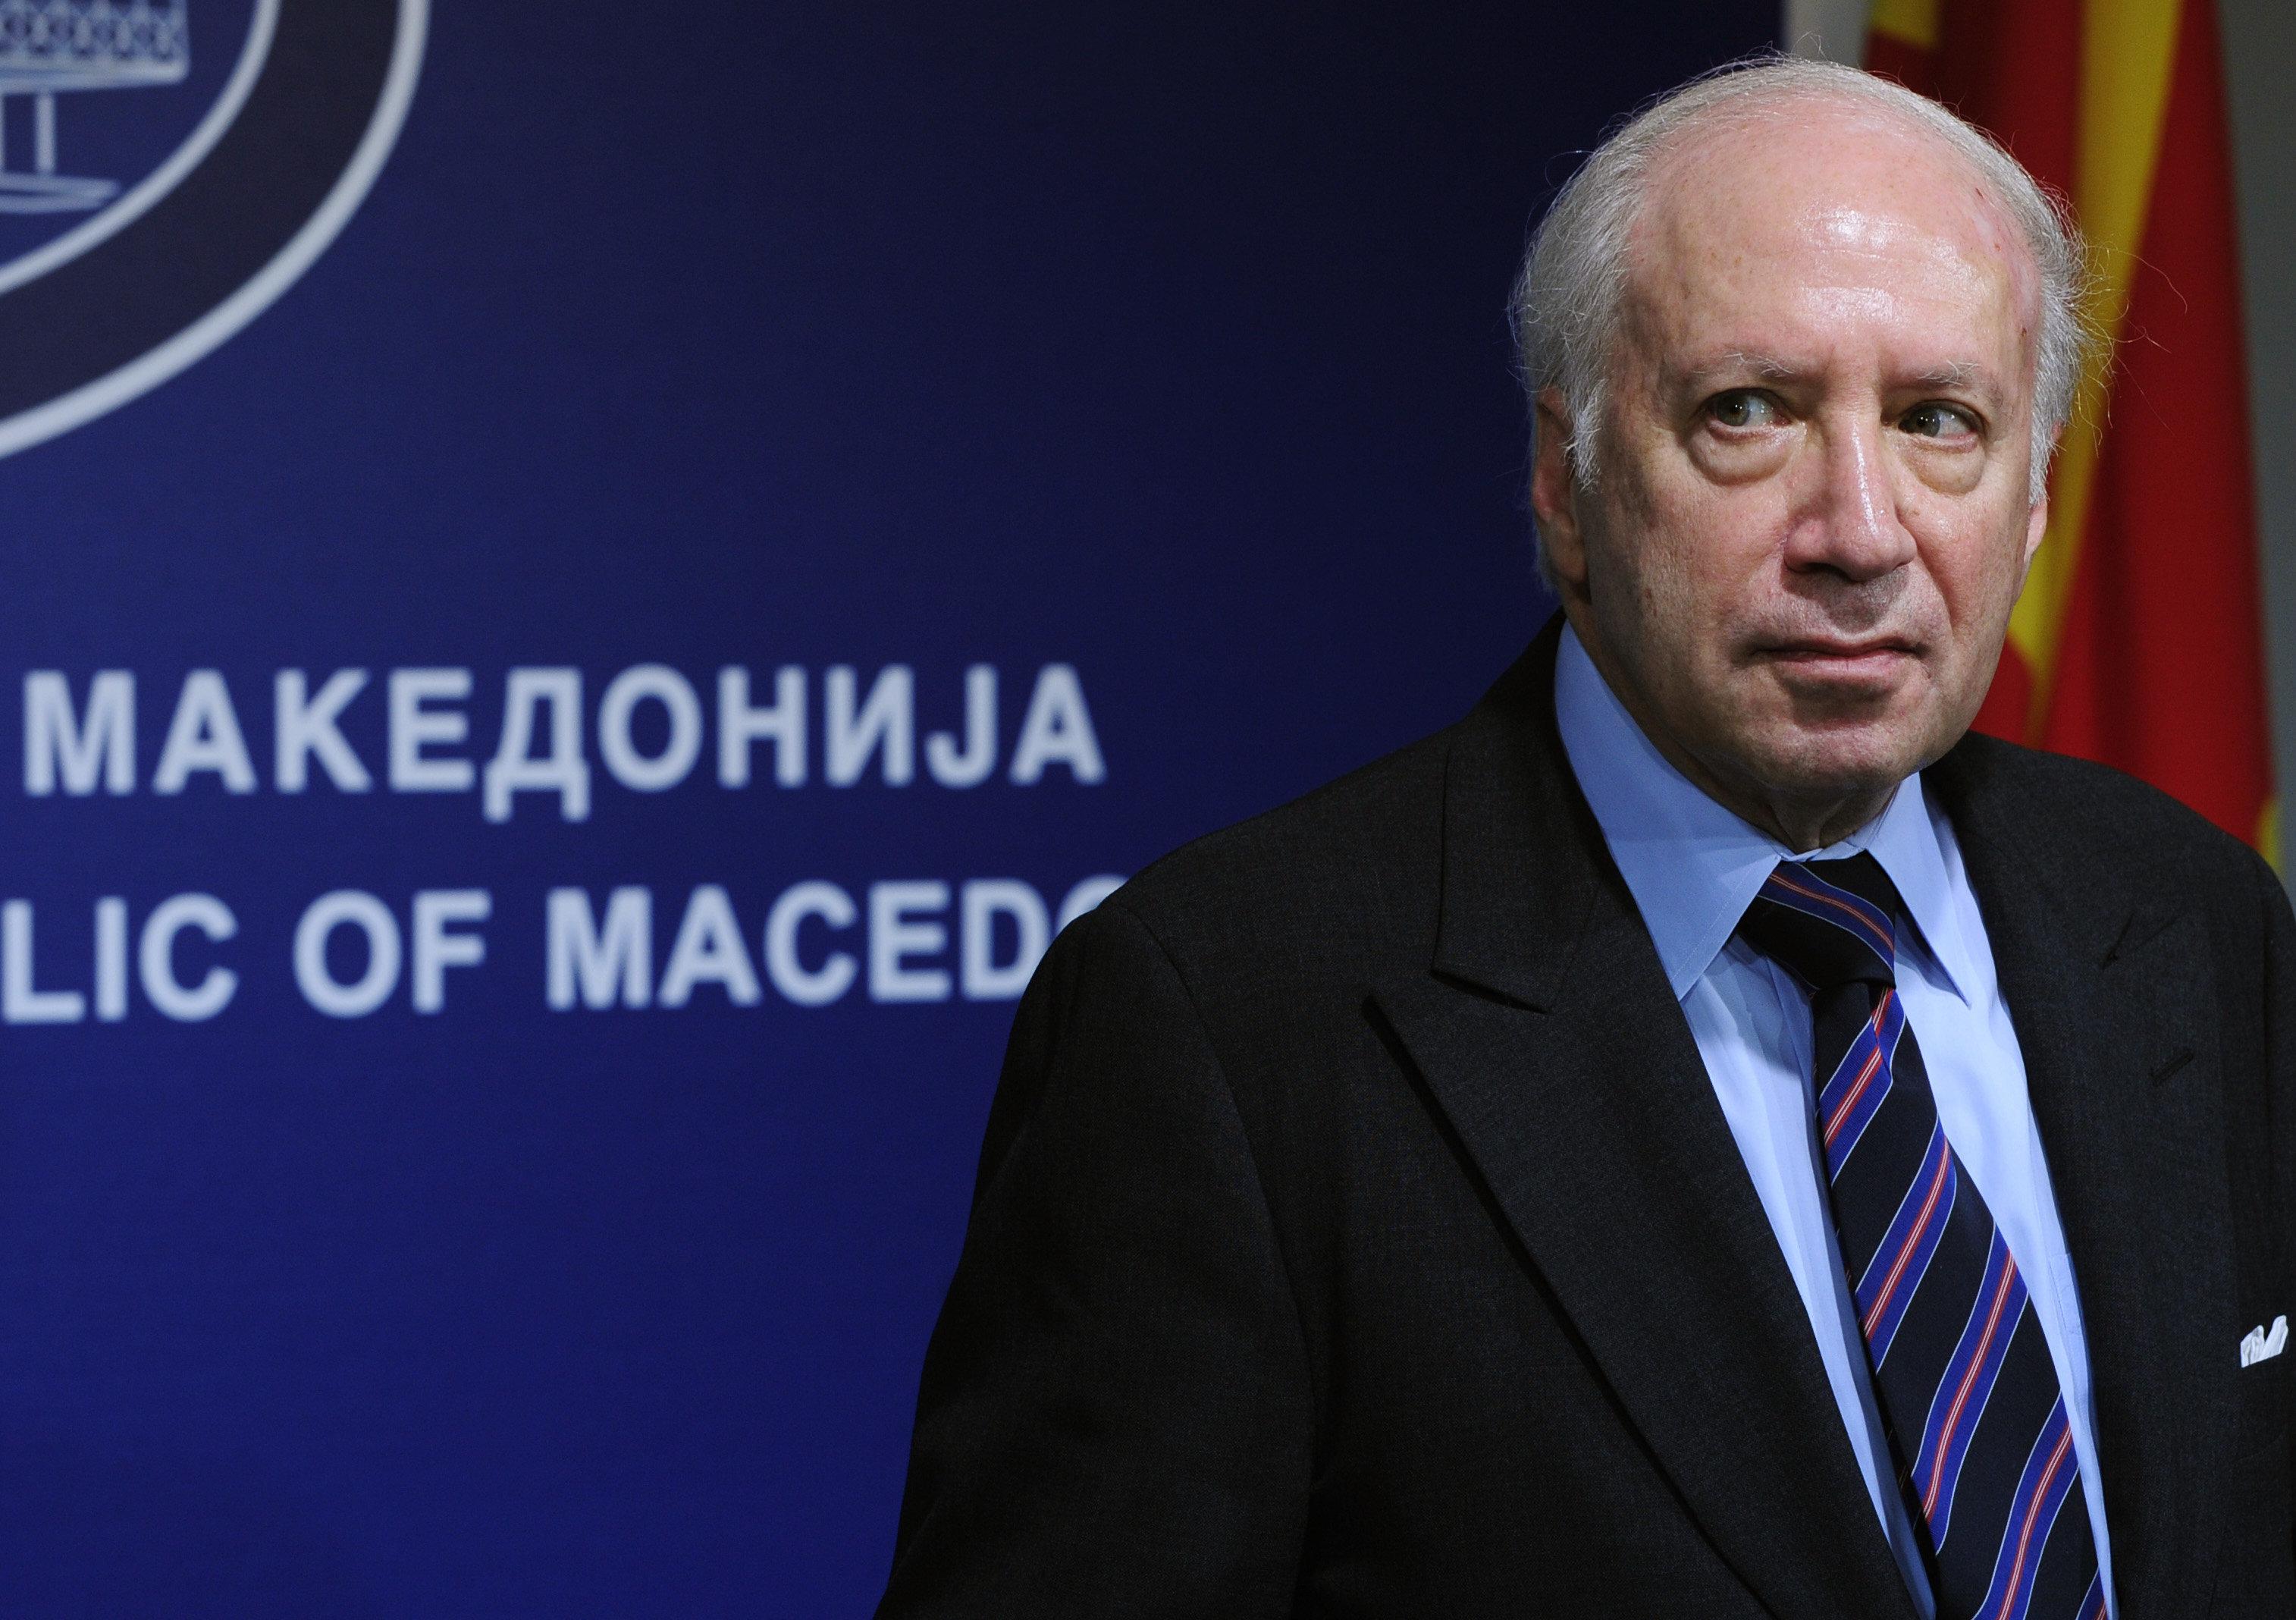 Νίμιτς: Η λέξη «Μακεδονία» είναι συνδεδεμένη με την ΠΓΔΜ. Η πρόταση θα είναι